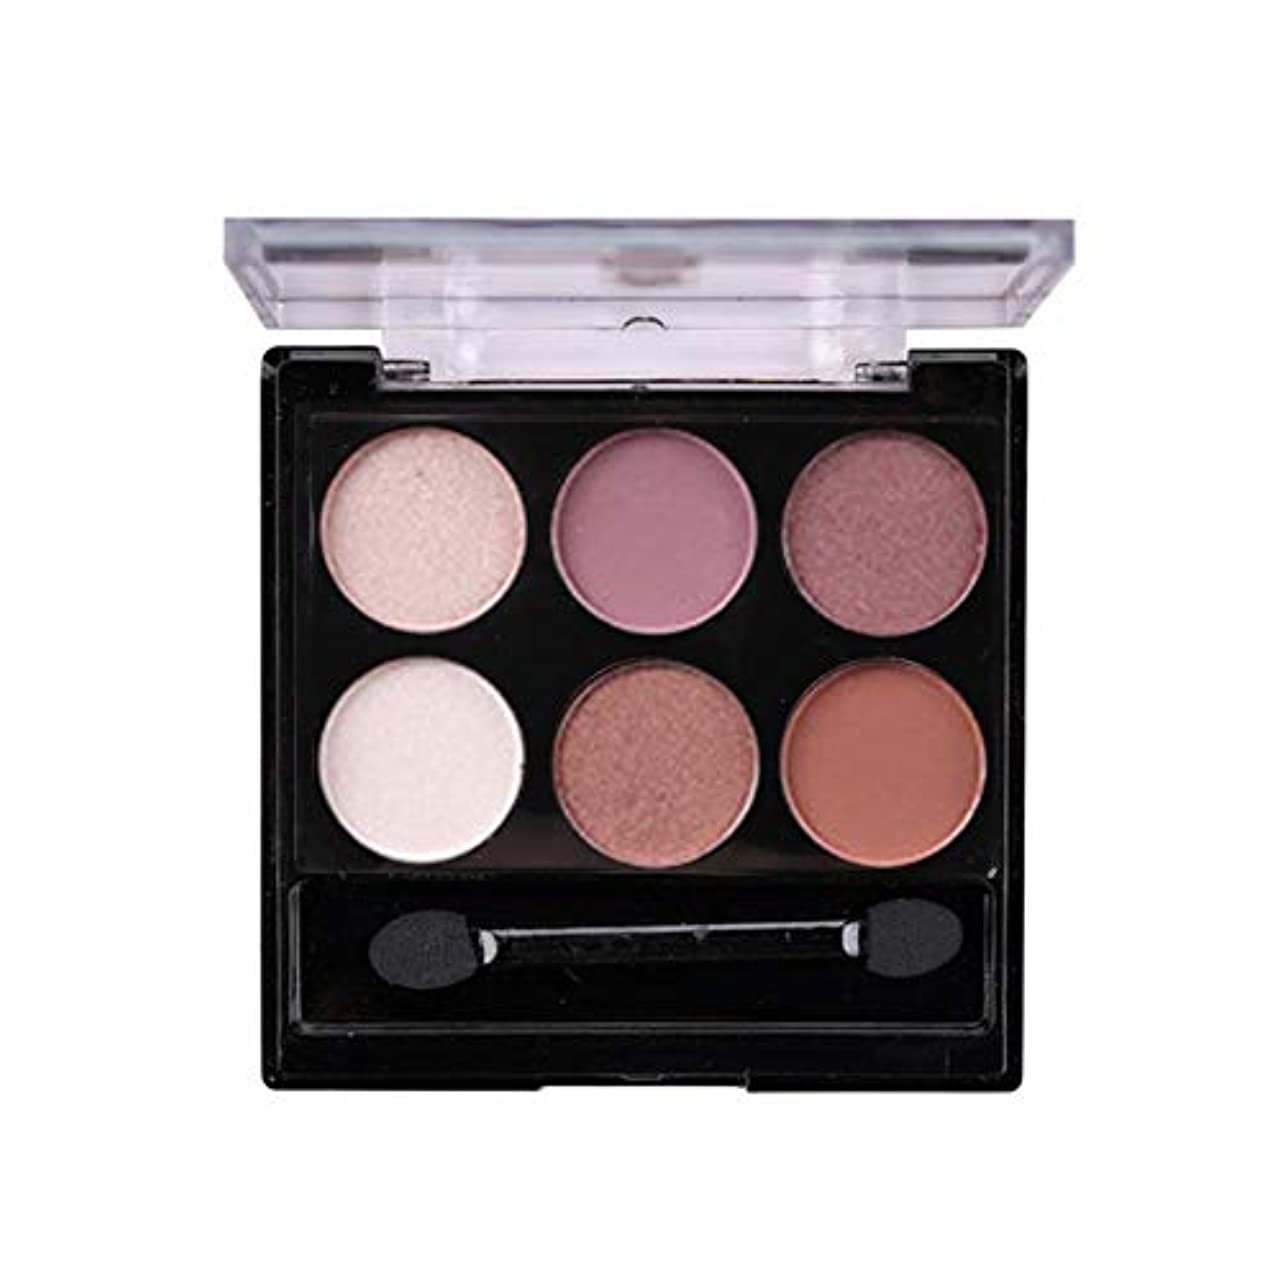 唇競争適合sunyueydeng アイシャドウ, 美容6色つや消し真珠混色アイシャドウプロフェッショナルメイクアイシャドウアイシャドウパレット(2#)